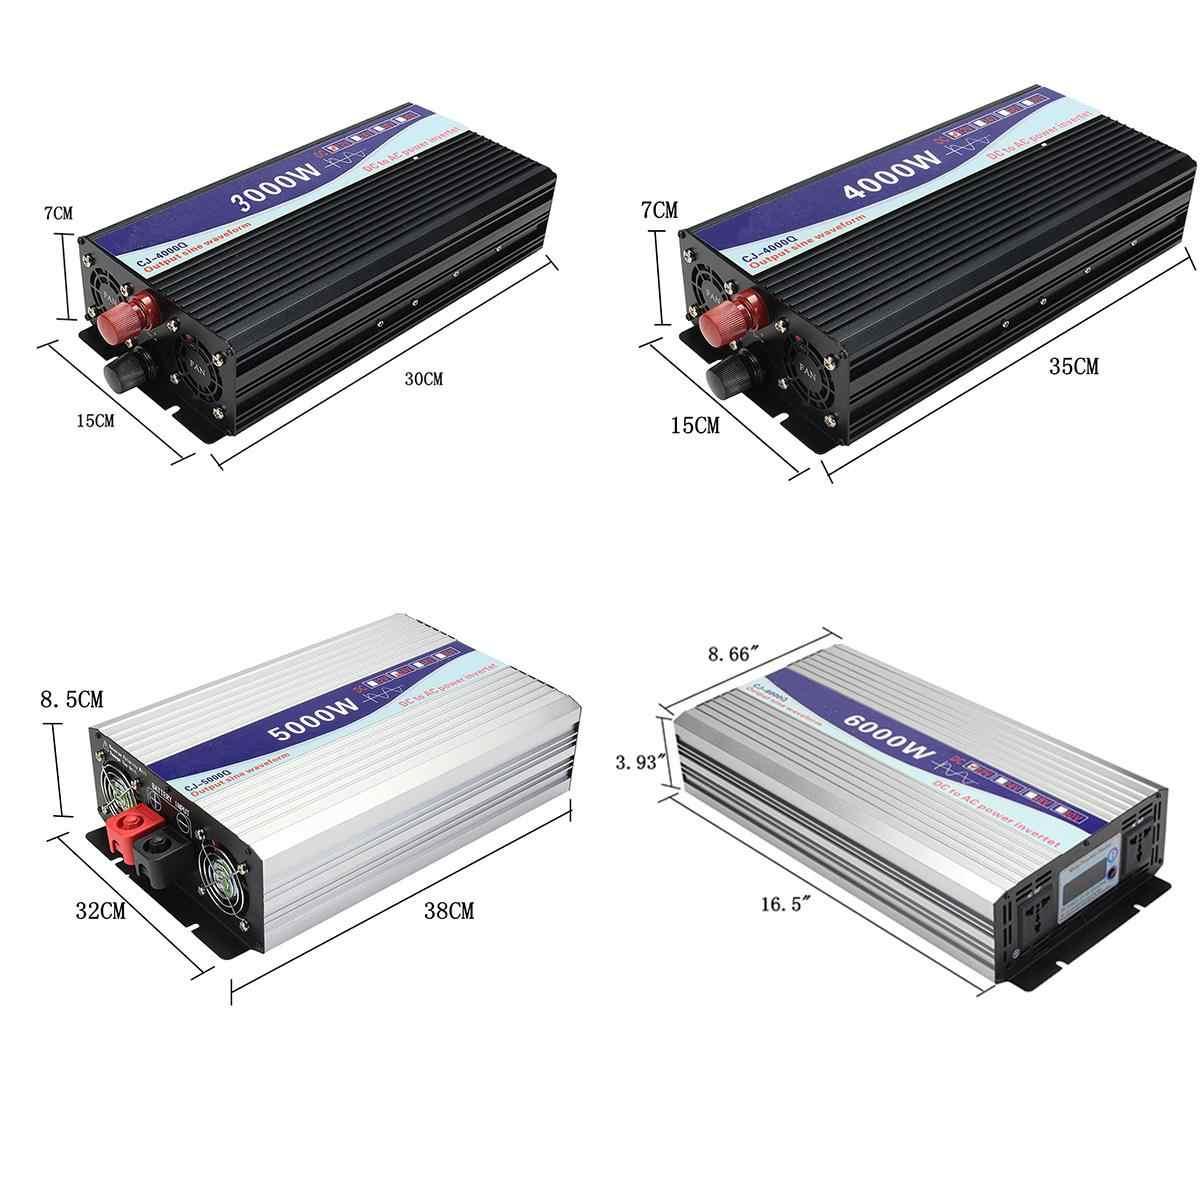 Инвертор 12 V/24 V к переменному току 220 V 3000/4000/5000/6000 W Напряжение трансформатор с немодулированным синусоидальным сигналом Мощность преобразователь Светодиодный Дисплей